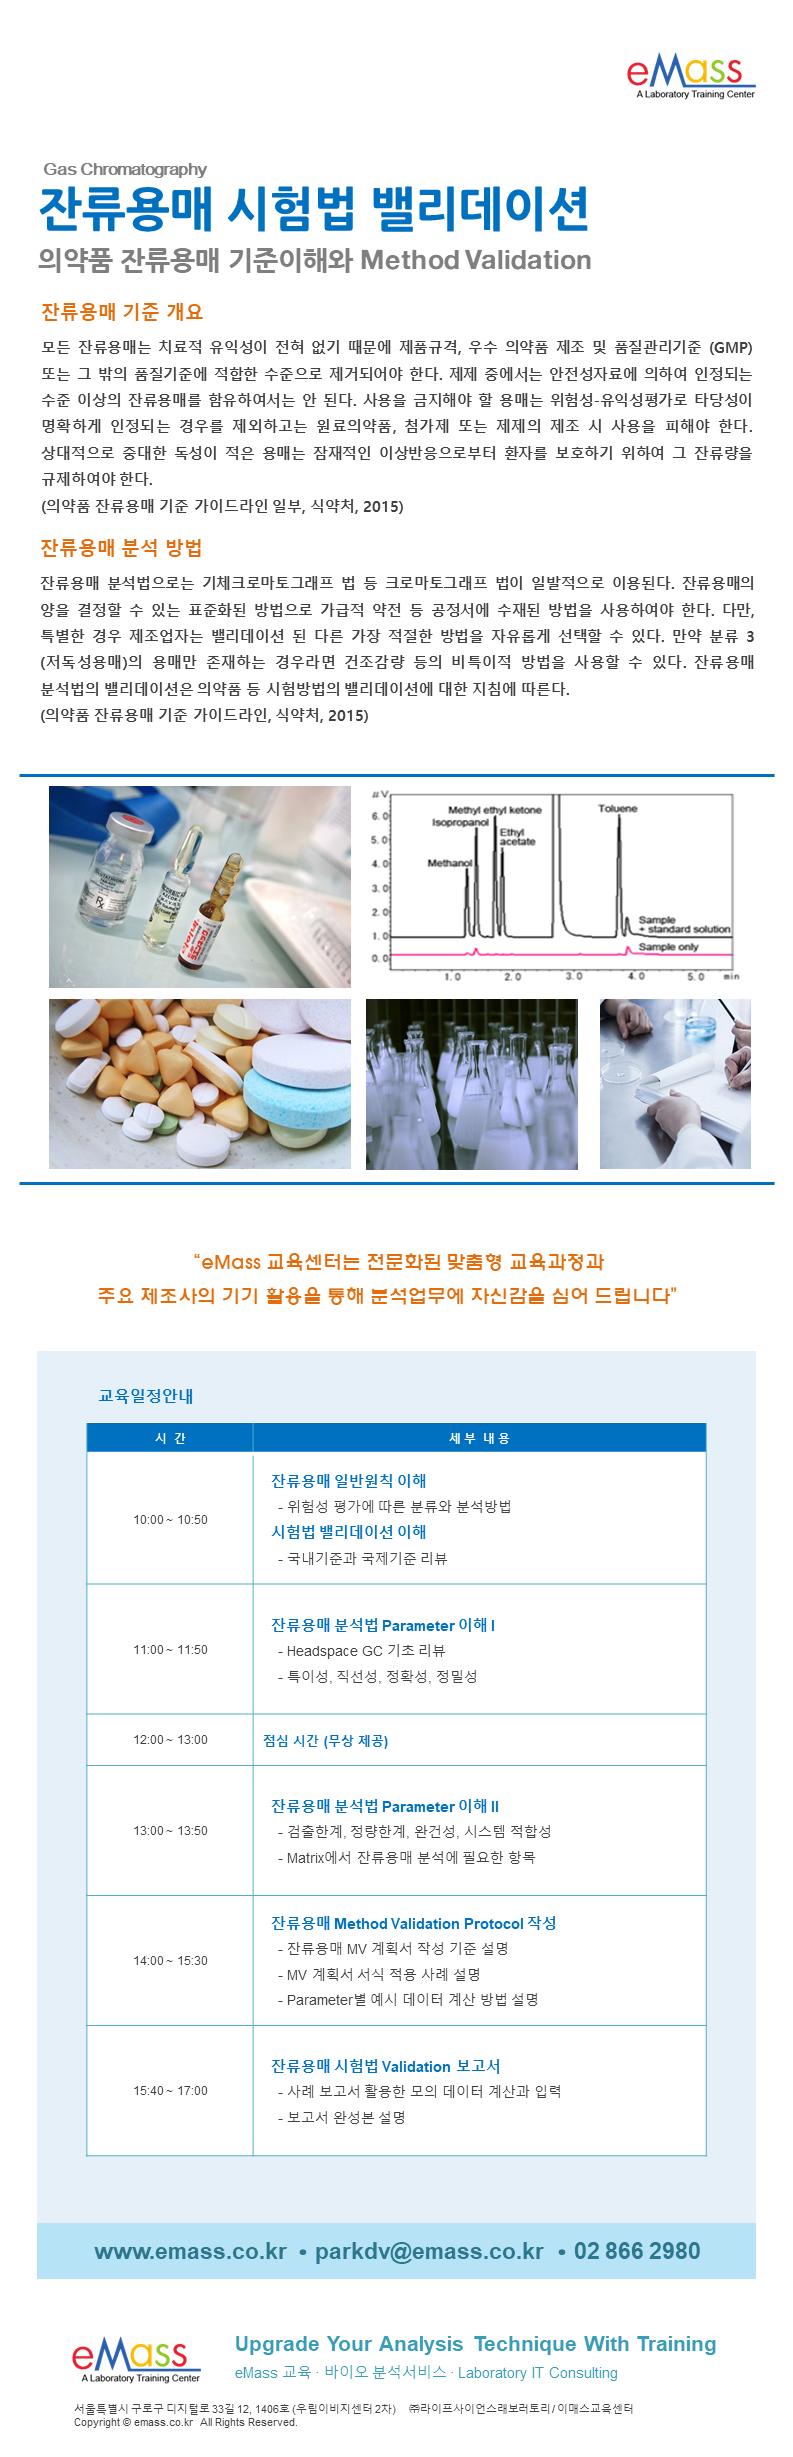 잔류용매 시험법 기준이해와 잔류용매 MV_이매스교육장.png